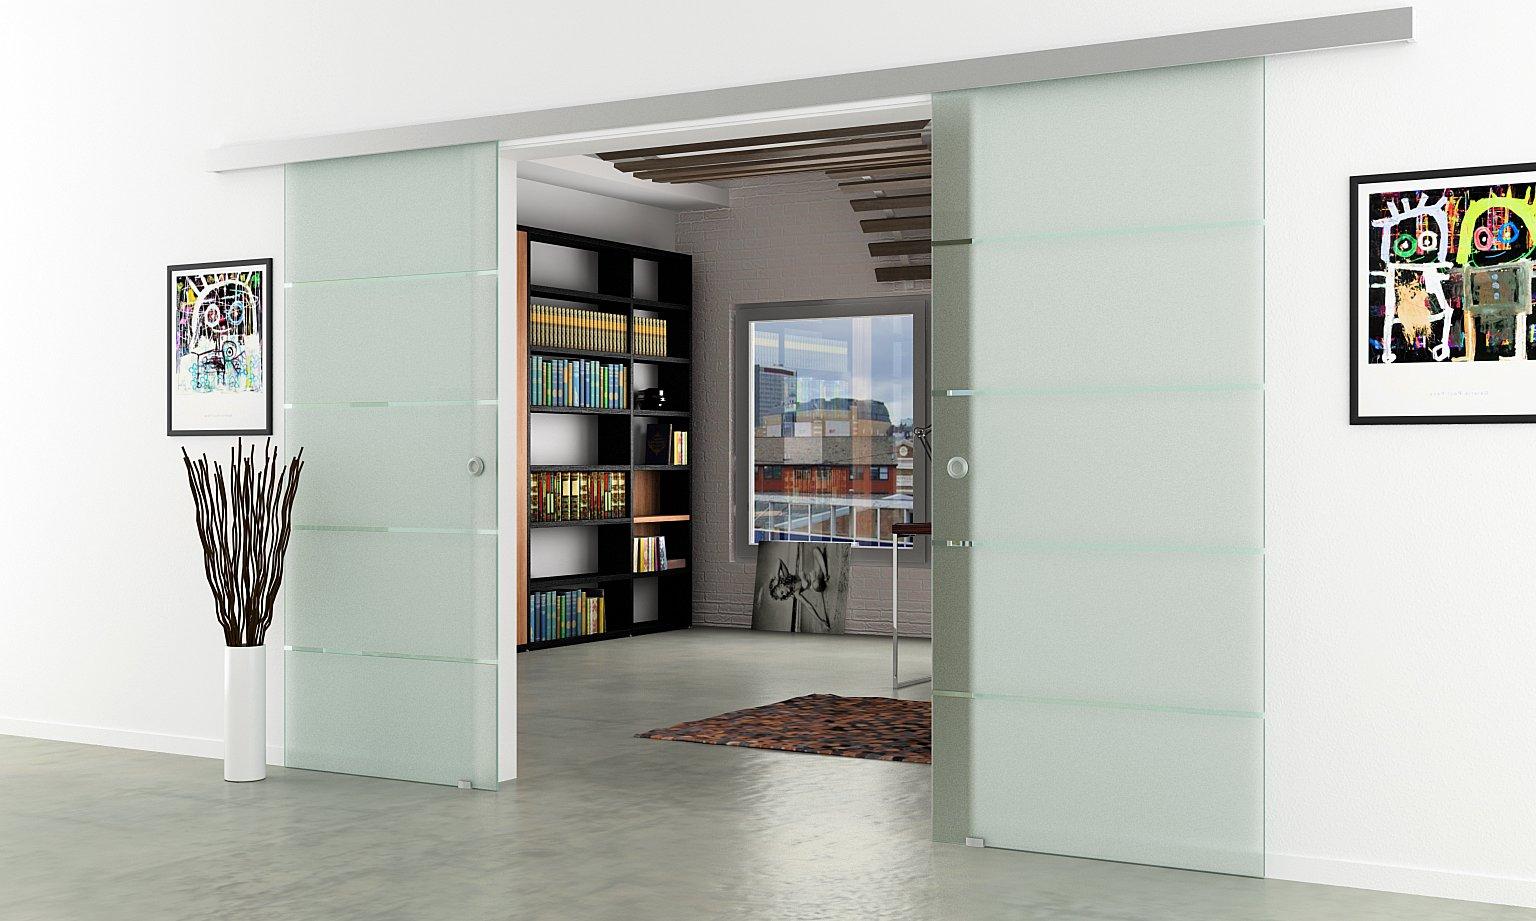 Correderas de cristal de puerta de planta | Anchura total: 1550 mm - Altura total: 2050 mm